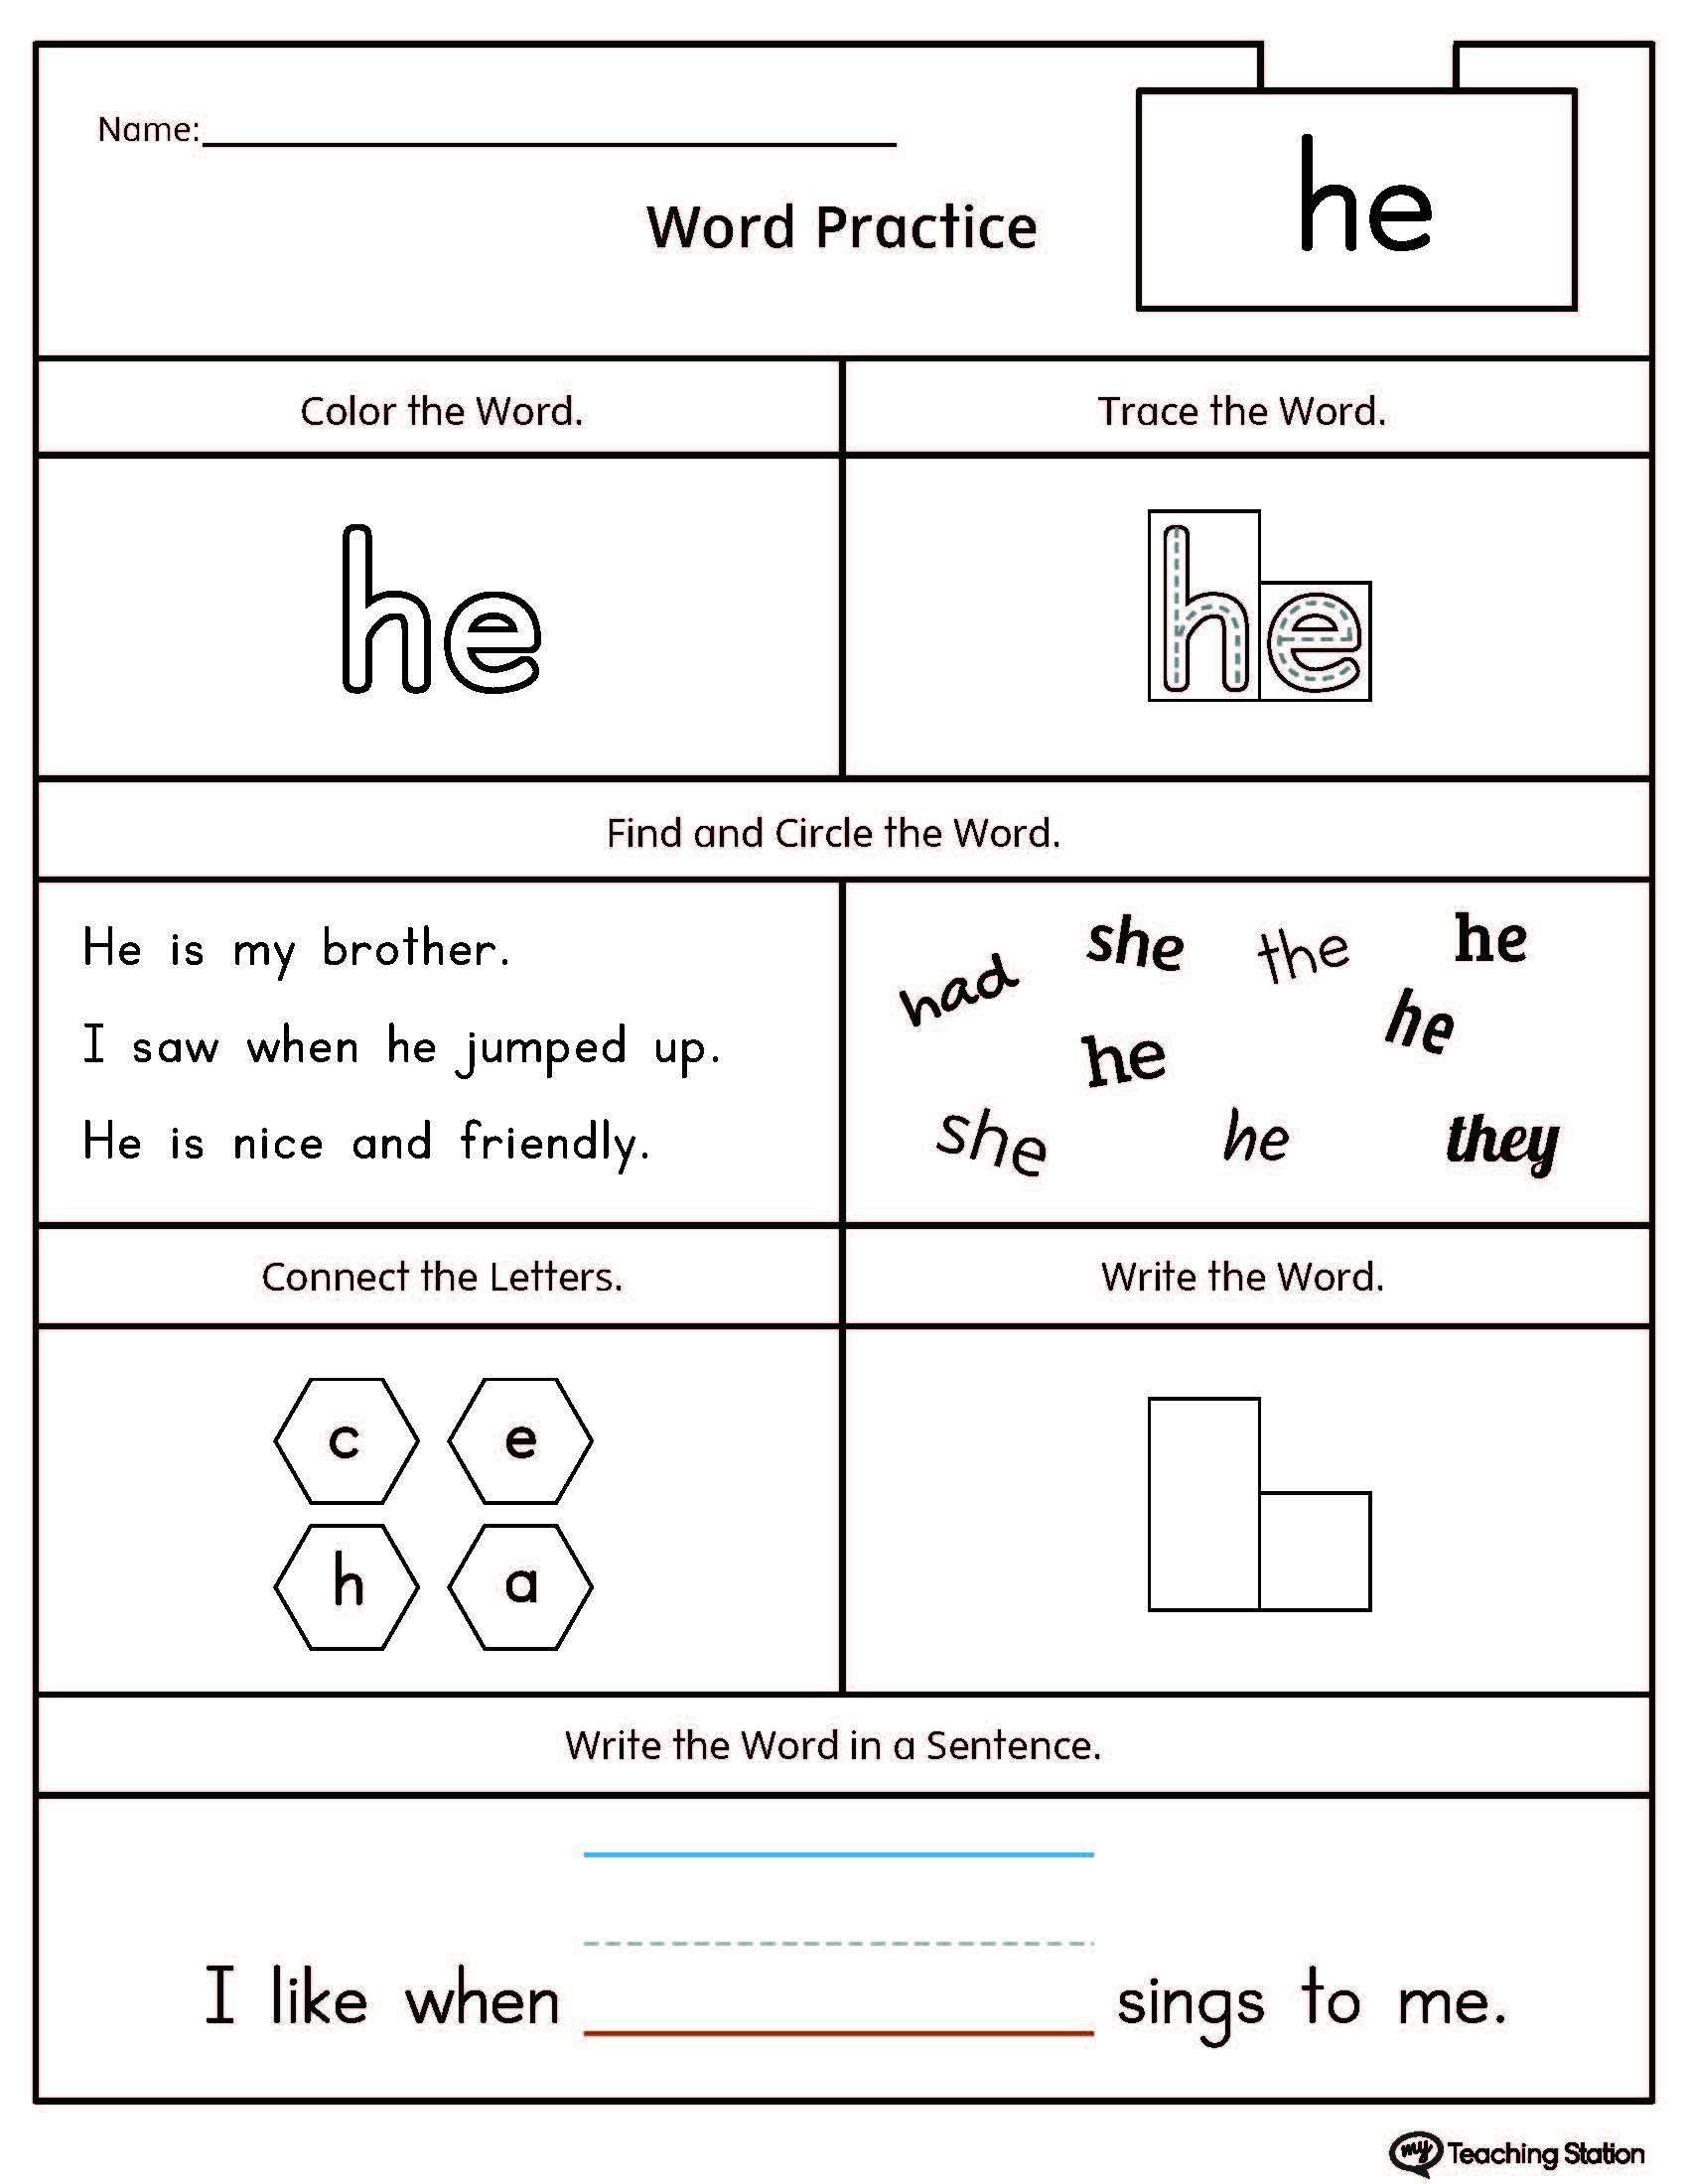 Words Worksheets Sight-Words-Worksheet-For-Kindergarten-Pdf Sight | Dolch Words Worksheets Free Printable